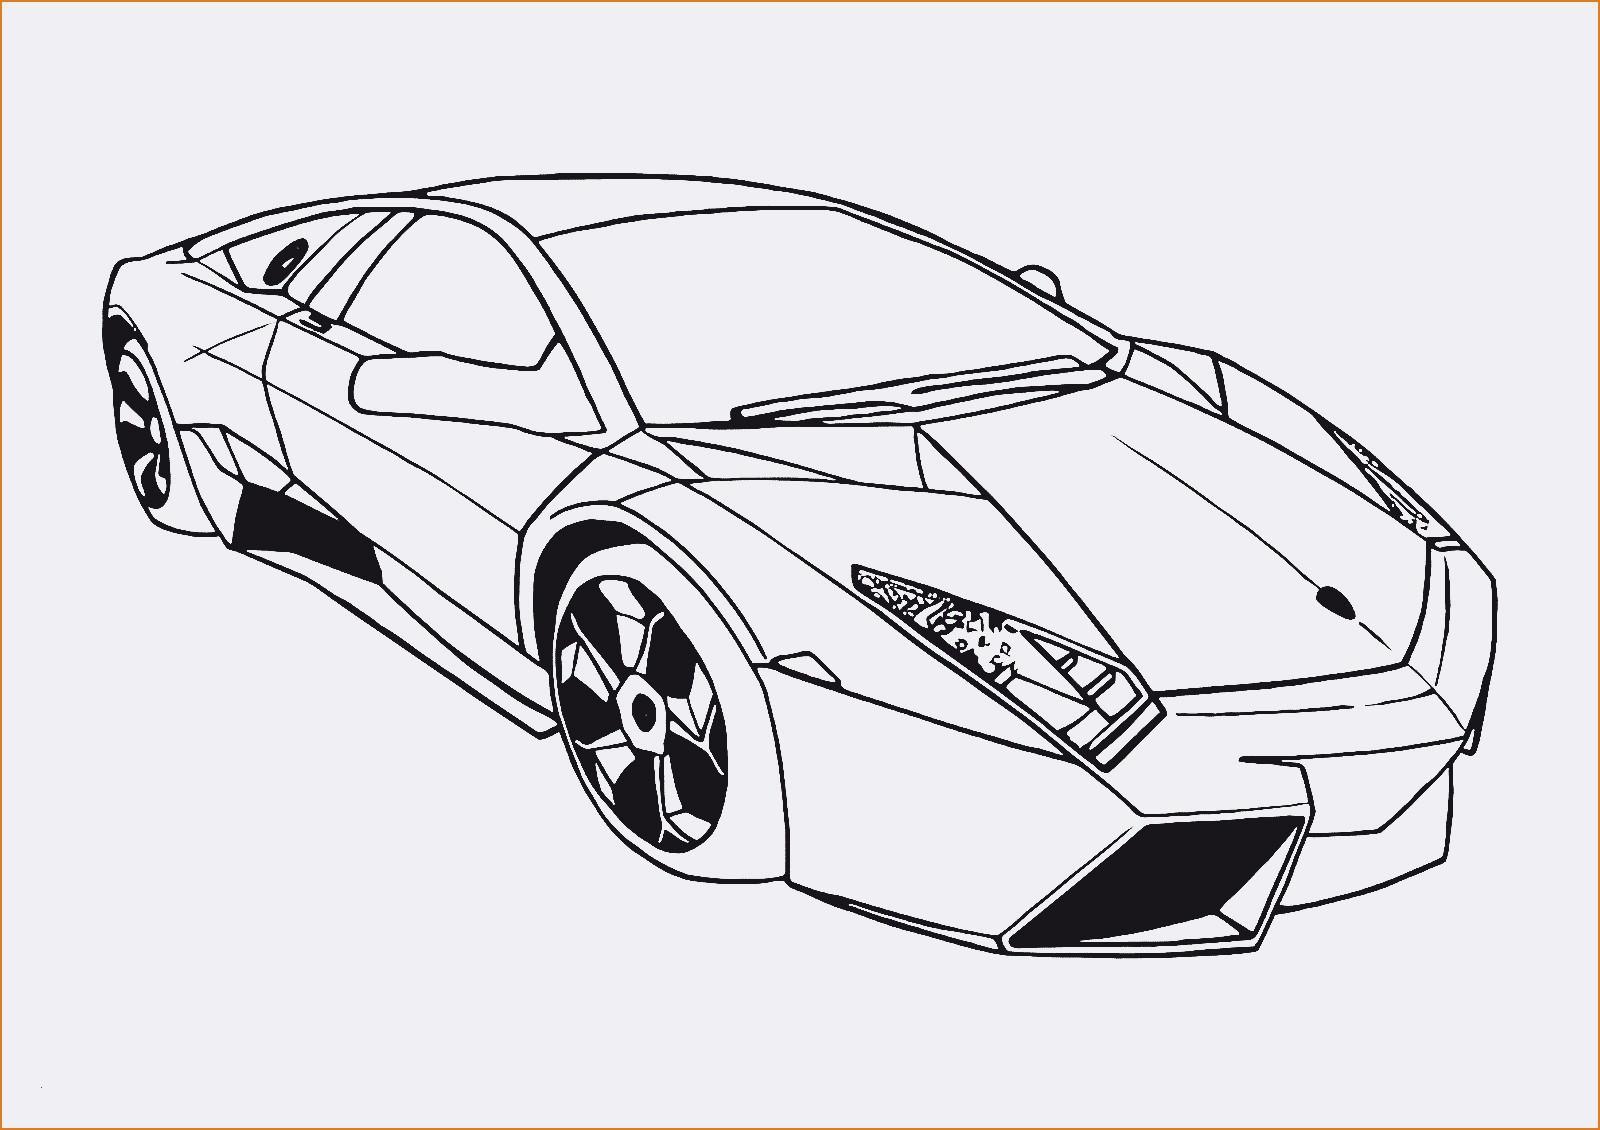 Lamborghini Zum Ausmalen Einzigartig Verschiedene Bilder Färben Ausmalbilder Zum Ausdrucken Bild